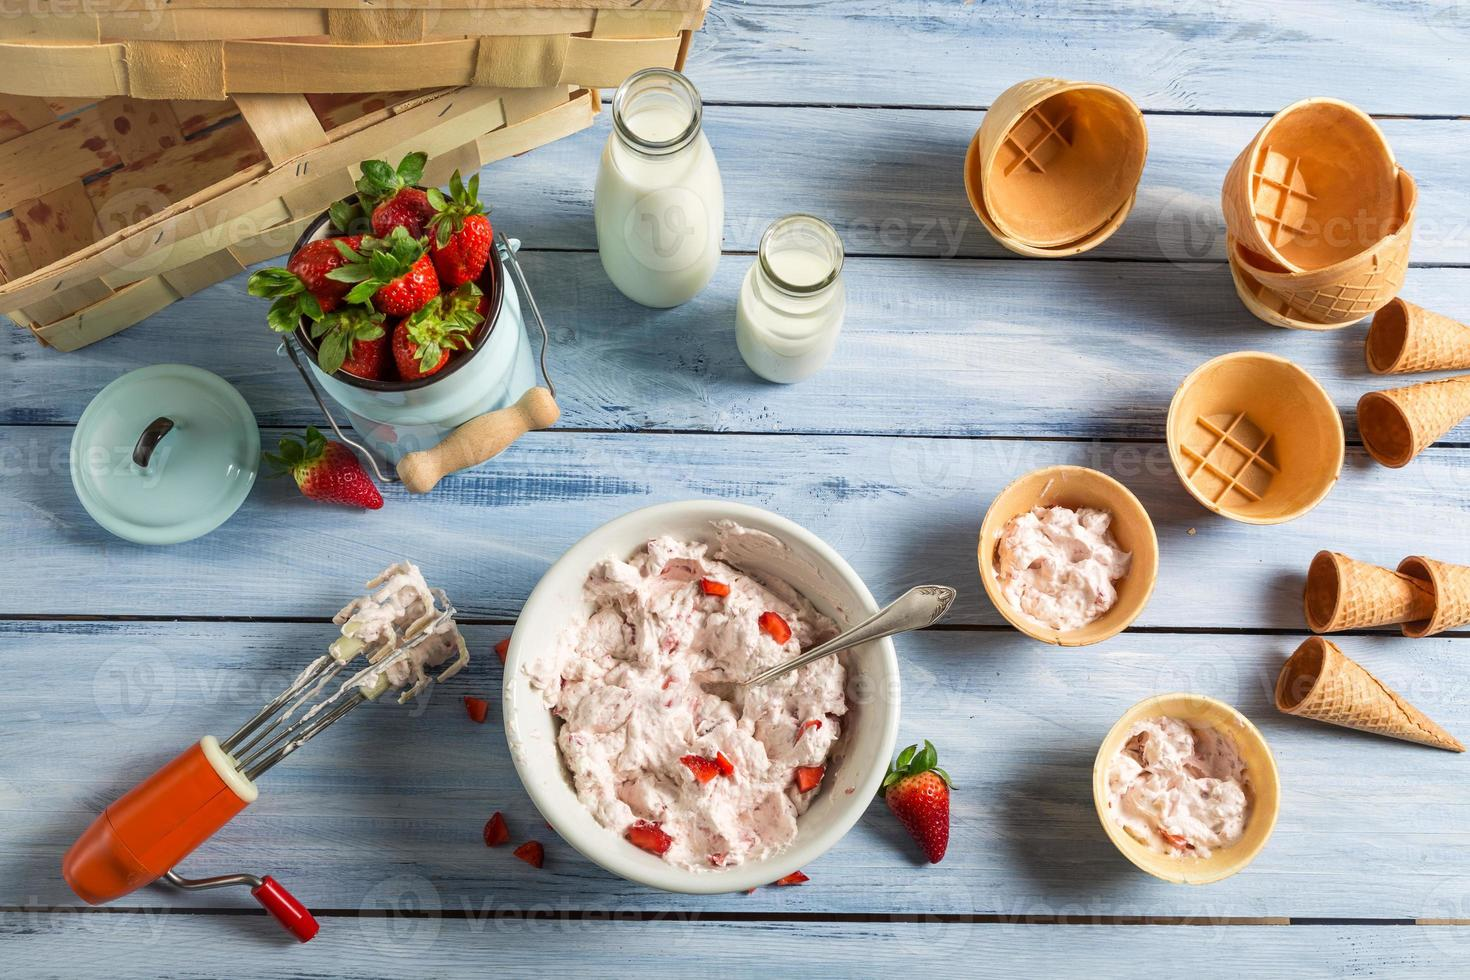 linha de produção caseira de sorvete de morango foto